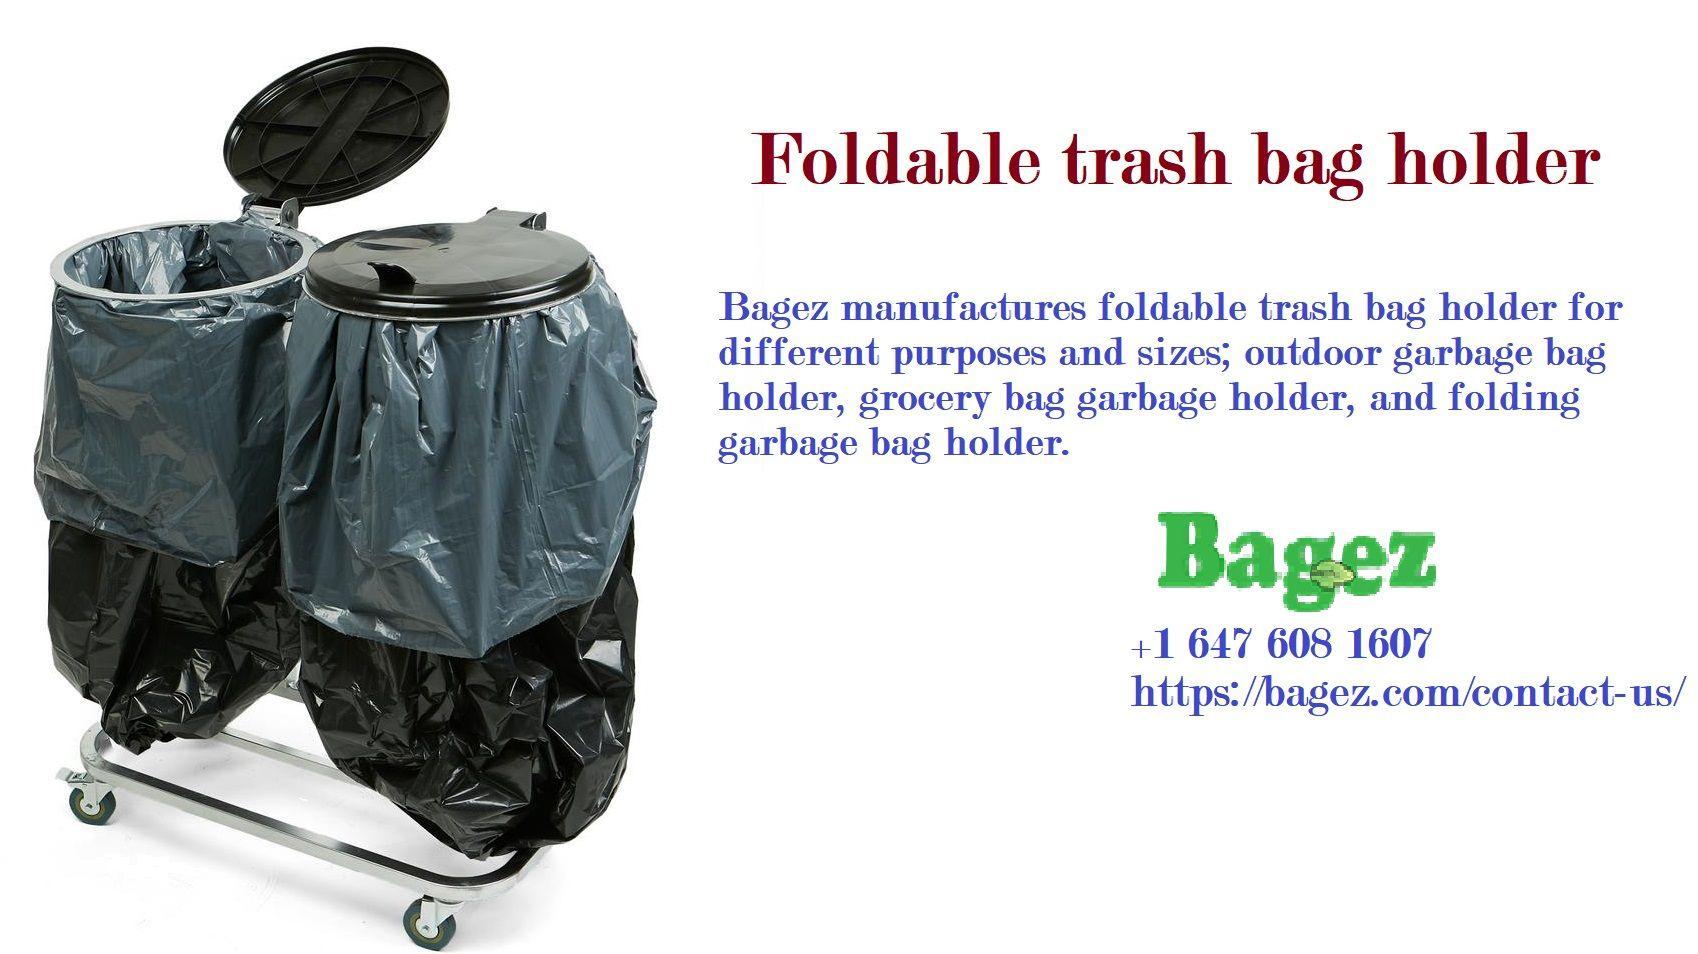 Foldable trash bag holder Ð Bagez